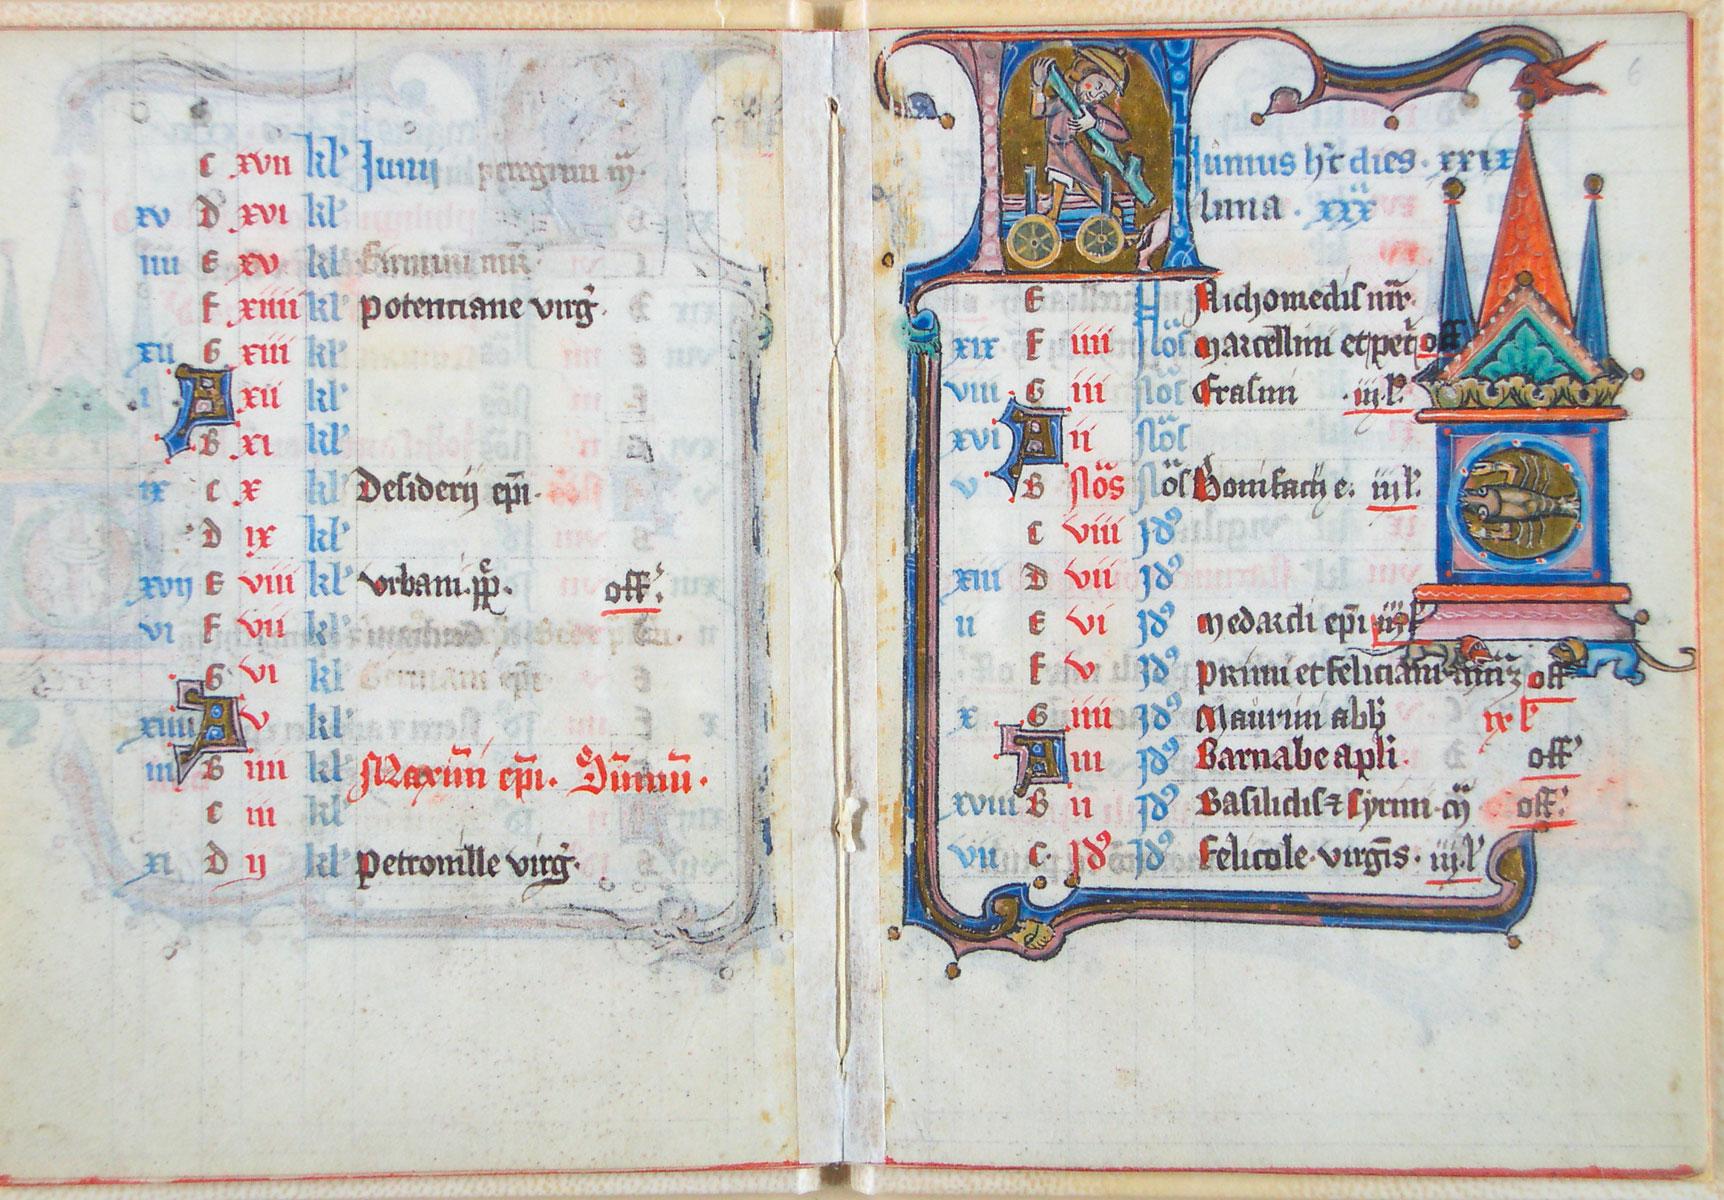 Kalenderblatt zum Monat Juni, Zustand vor dem Einsturz des Archivs (Historisches Archiv der Stadt Köln, Best. 7020 (W*) 406)